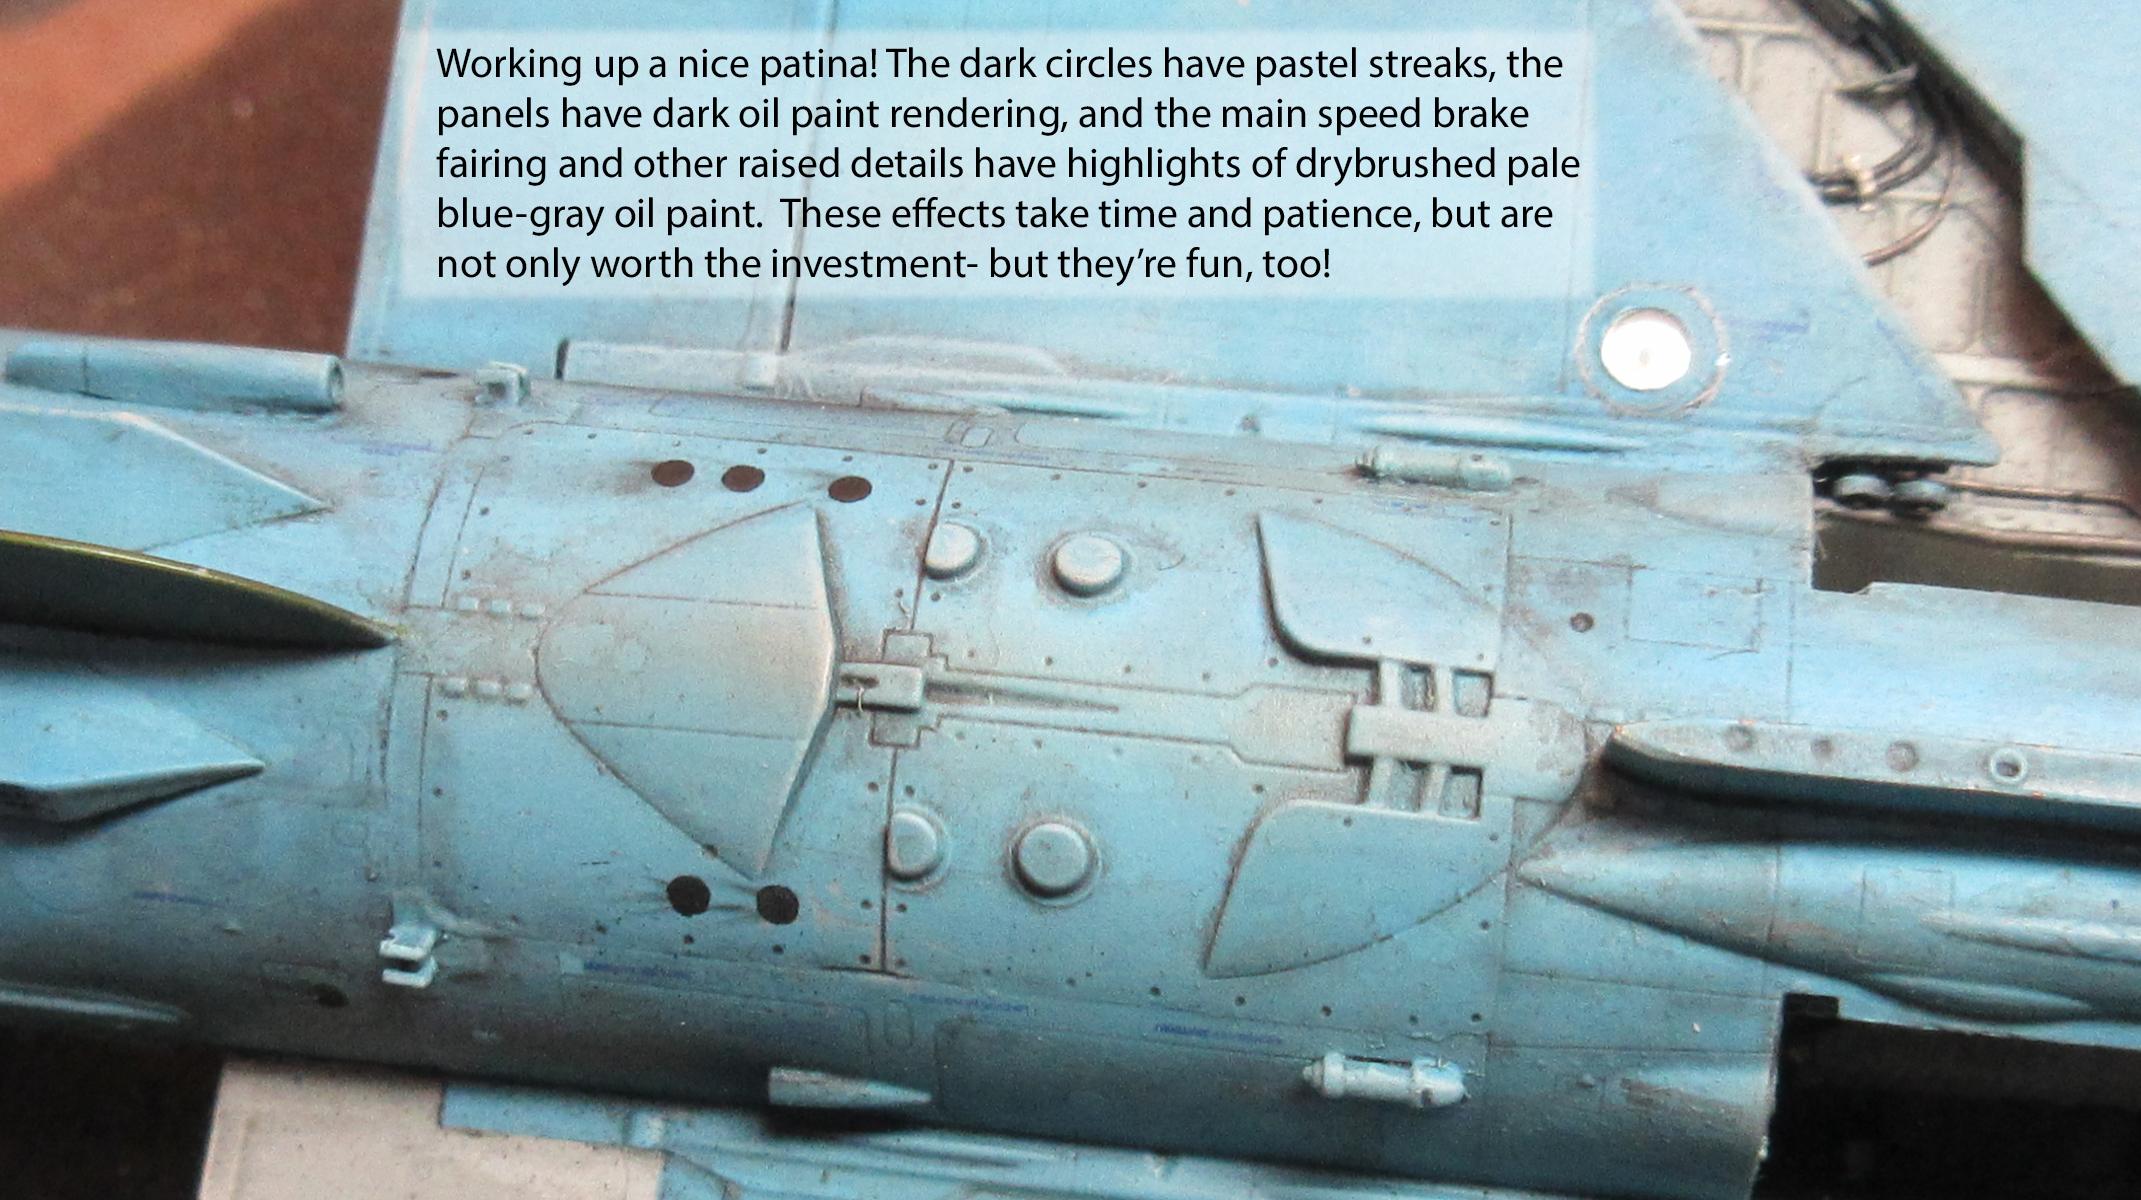 MiG21_154.jpg